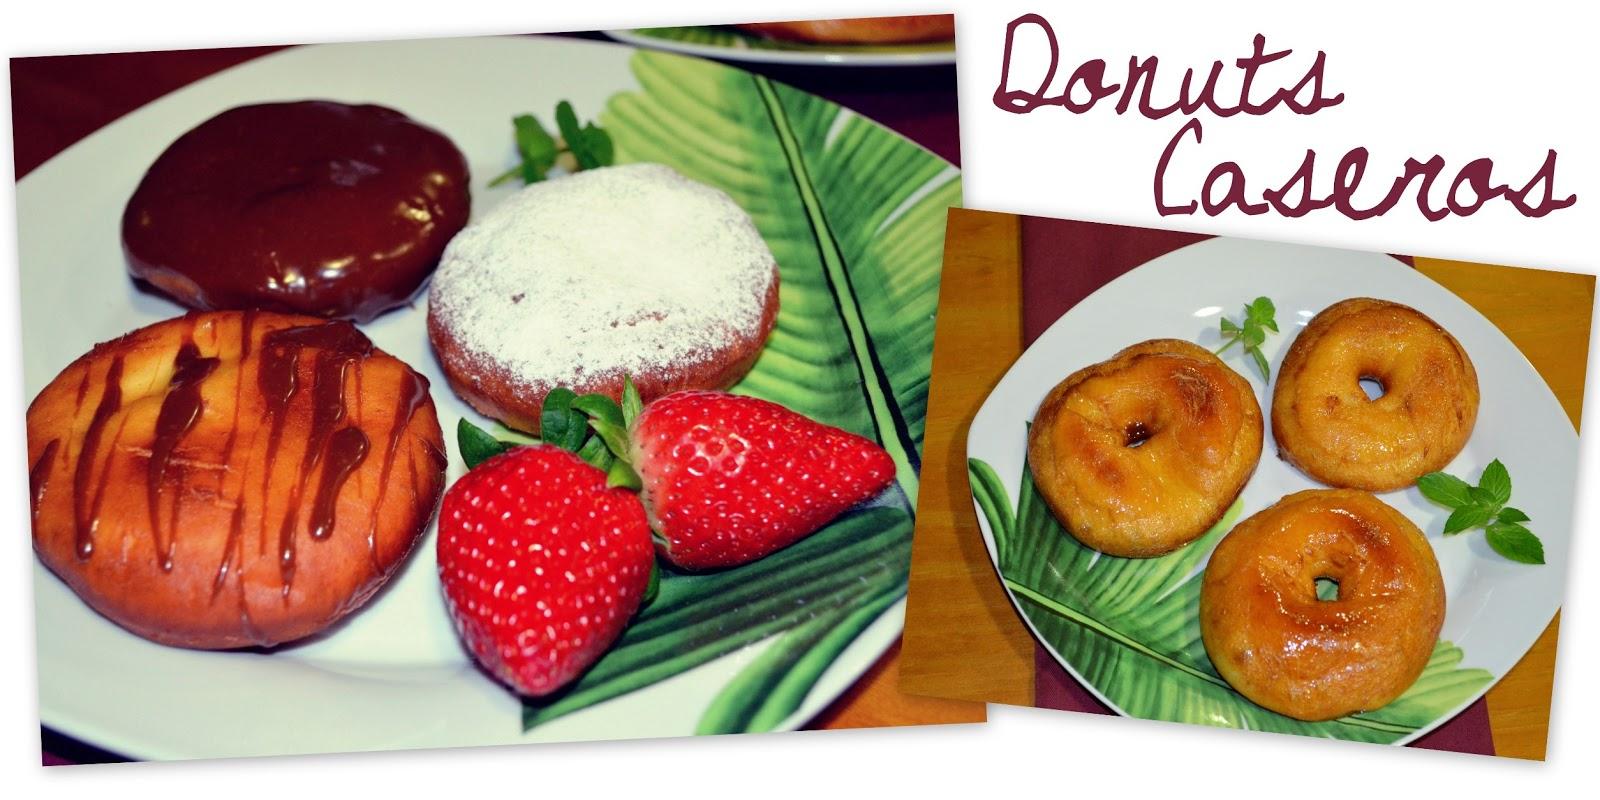 Receta paso a paso Donuts caseros